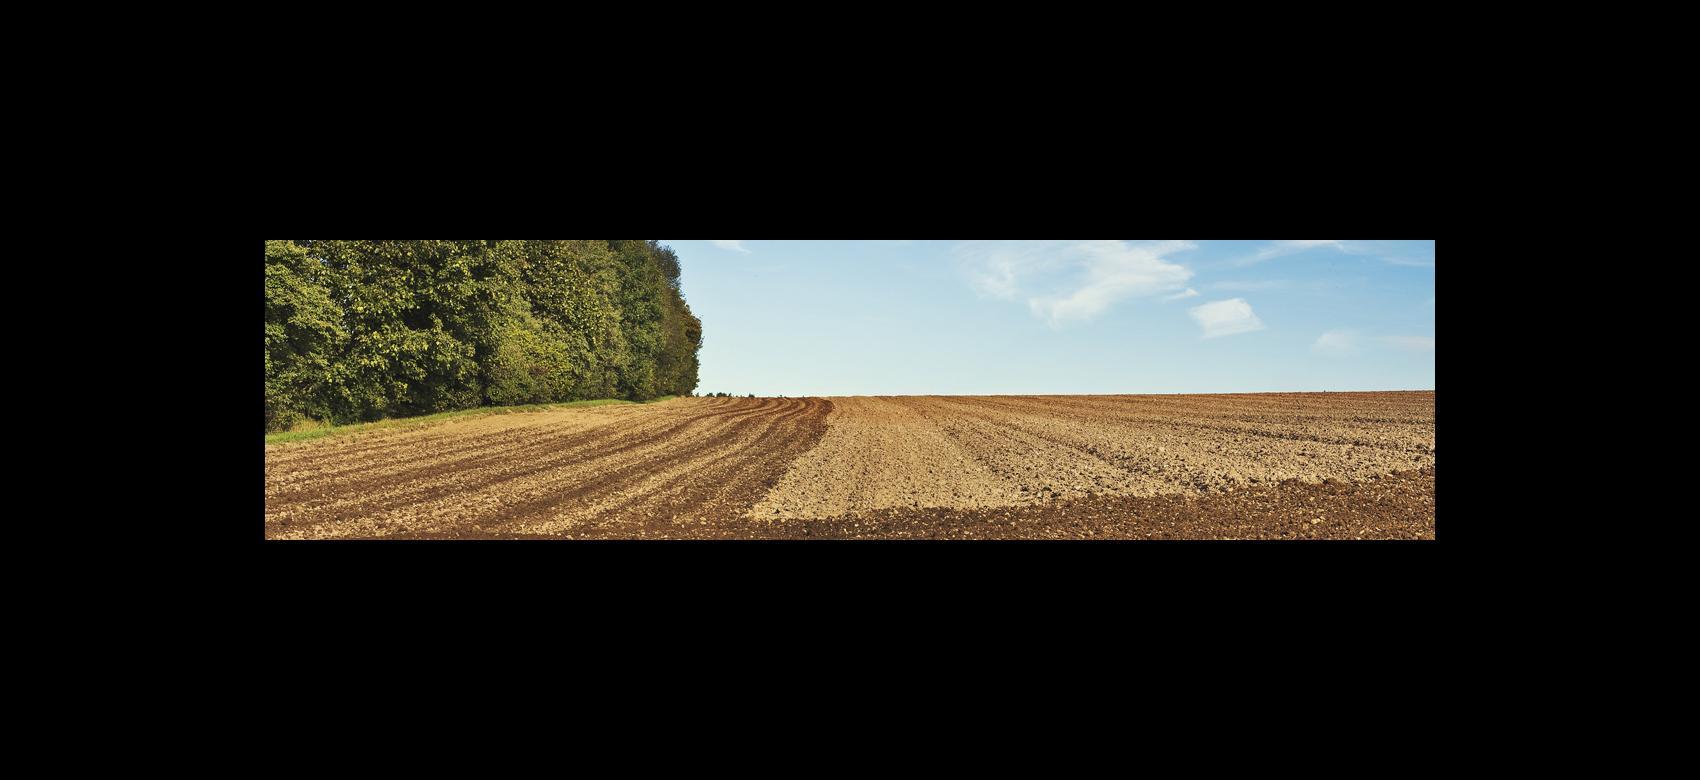 Imagen de un campo arado con árboles a un lado